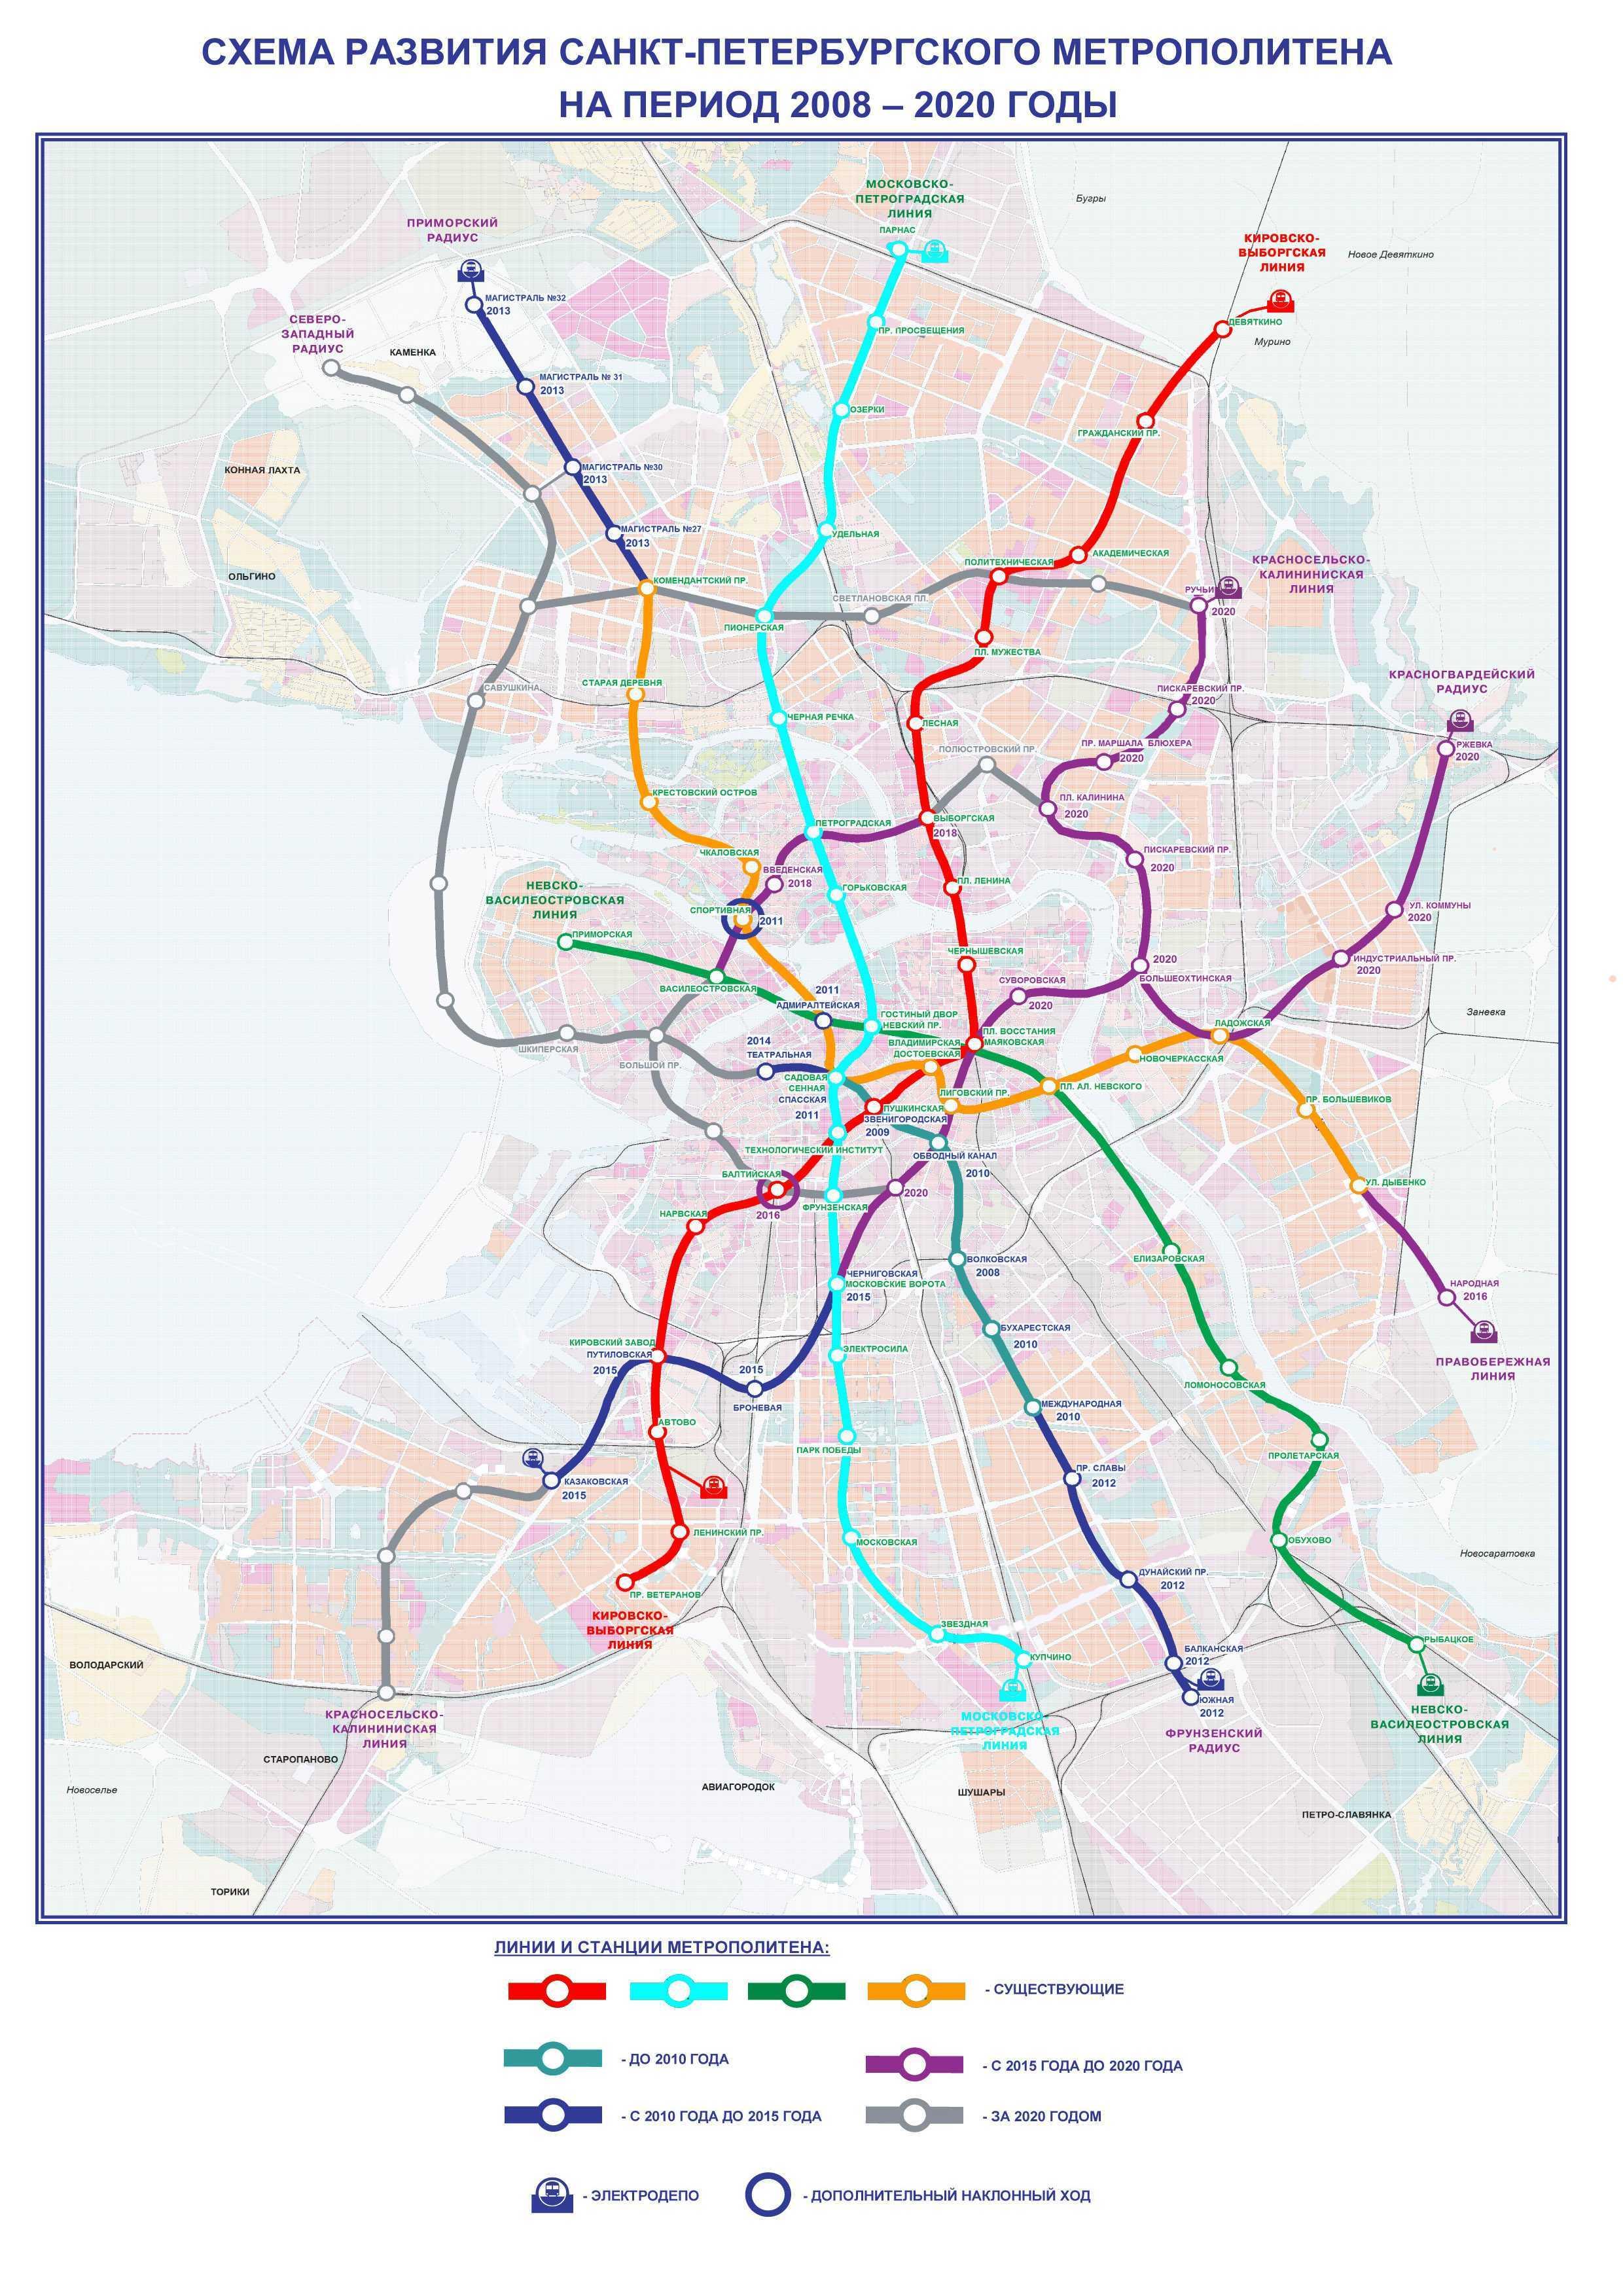 Схема развития петербургского метрополитена на 2008-2020 годы